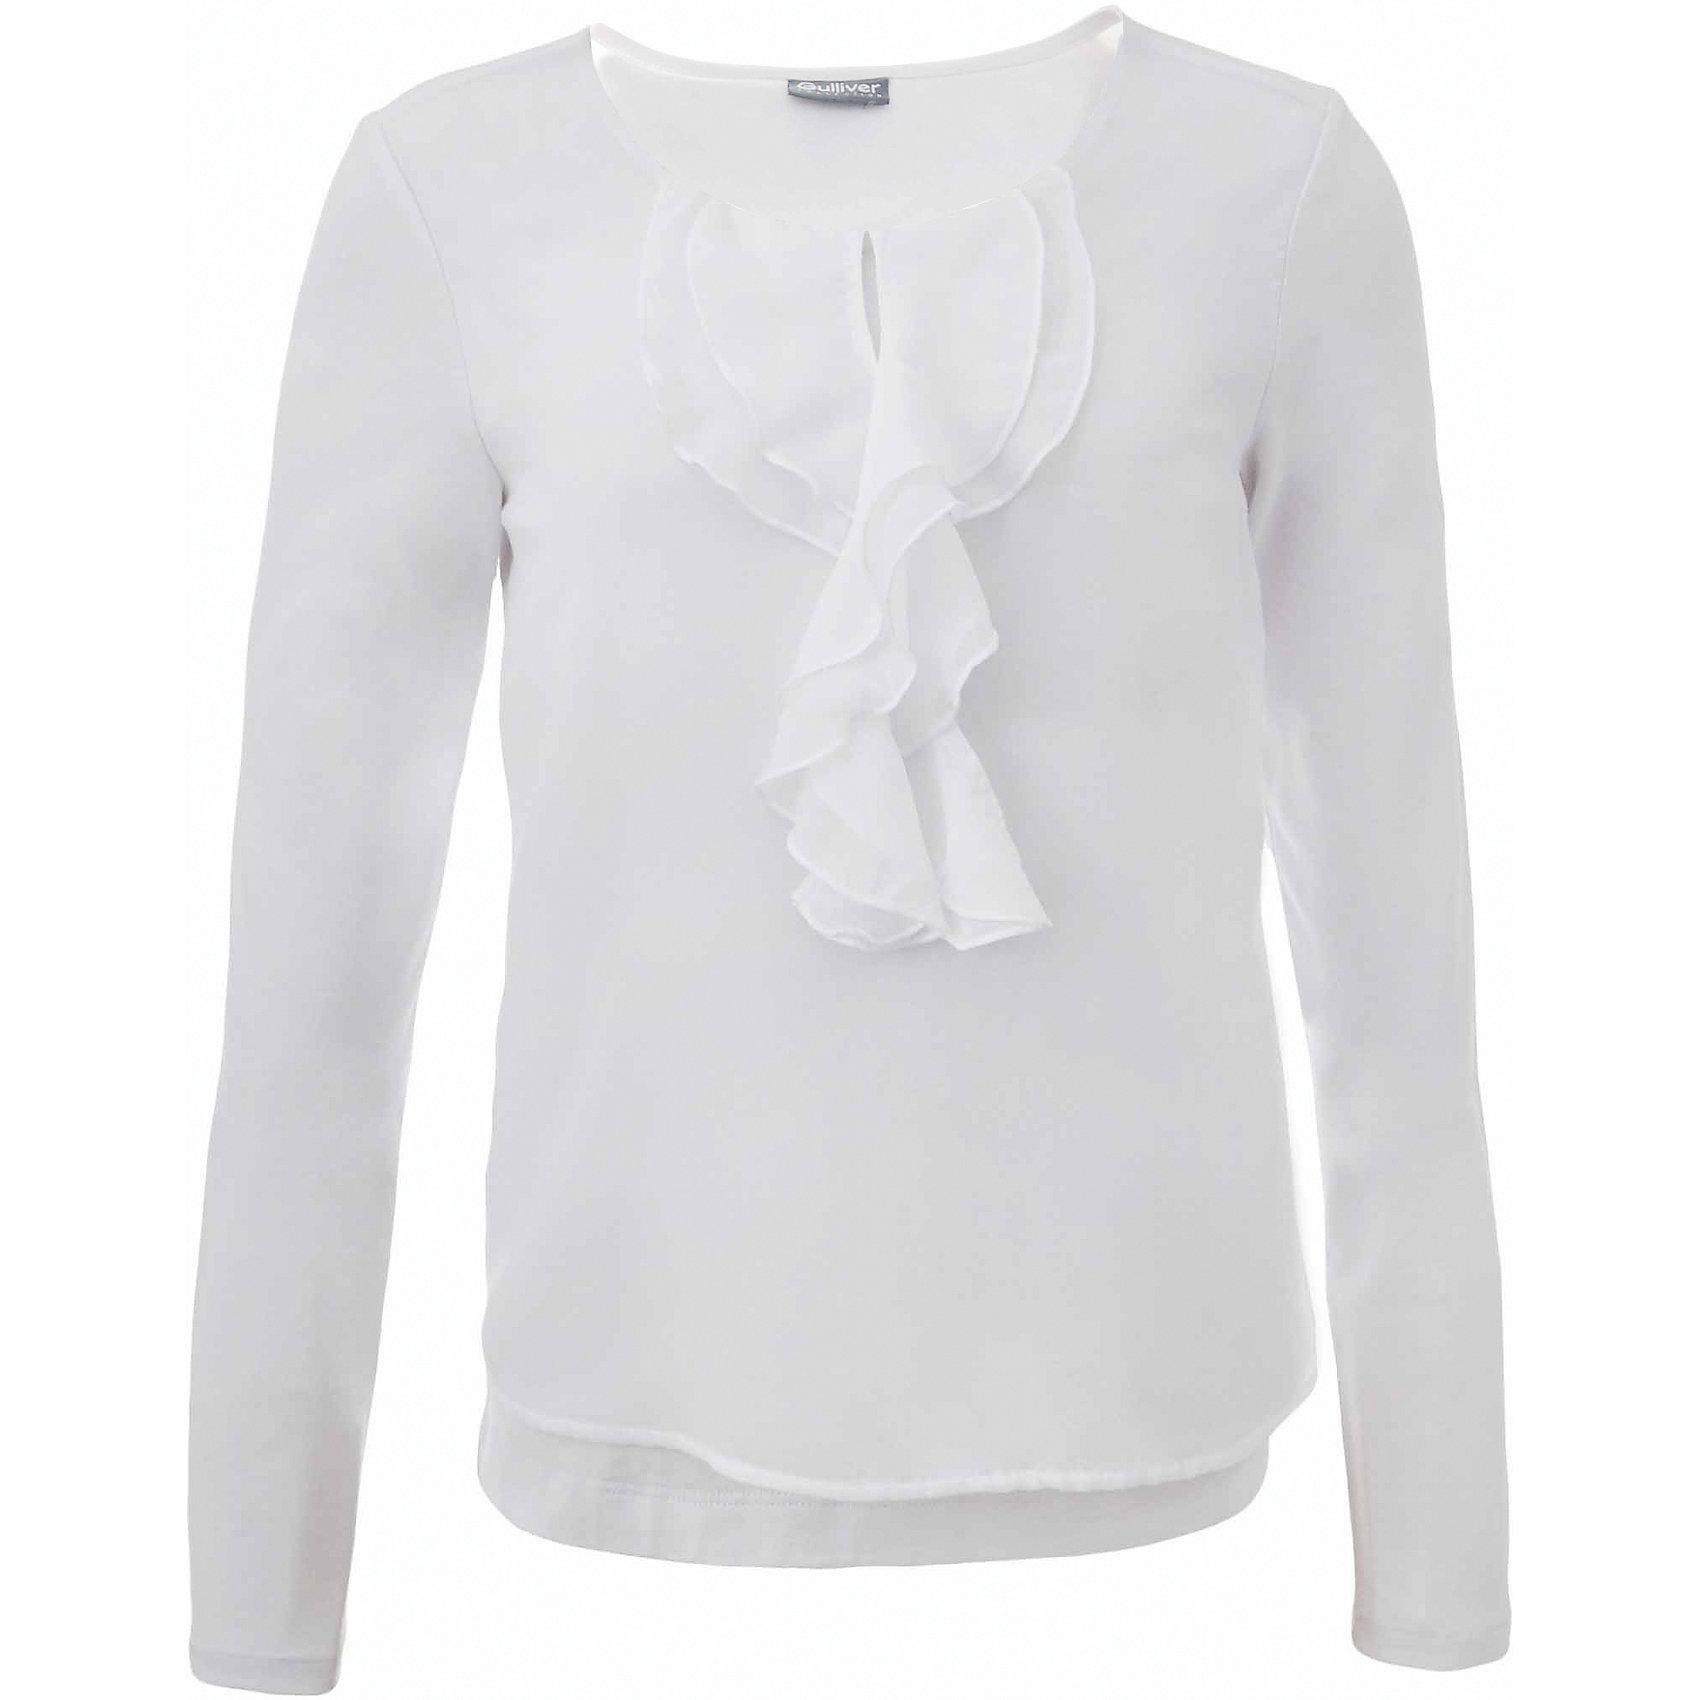 Блузка для девочки GulliverБлузки и рубашки<br>В преддверии учебного сезона, купить школьную блузку для девочки необходимо! Модные школьные блузки 2017 будут пользоваться заслуженным спросом, т.к. они - важная составляющая элегантного школьного гардероба. Белая школьная блузка с красивым воланом из мягкого пластичного трикотажа - достойная альтернатива текстильной блузке! Она имеет прекрасный внешний вид и соответствует школьному дресс коду, но более комфортна, не стесняет движений, позволяя девочке быть самой собой. Школьная белая блузка для девочек от Gulliver сделает образ ребенка романтичным, элегантным, изысканным.<br>Состав:<br>95% хлопок      5% эластан<br><br>Ширина мм: 186<br>Глубина мм: 87<br>Высота мм: 198<br>Вес г: 197<br>Цвет: белый<br>Возраст от месяцев: 168<br>Возраст до месяцев: 180<br>Пол: Женский<br>Возраст: Детский<br>Размер: 170,122,128,134,140,146,152,158,164<br>SKU: 6678622